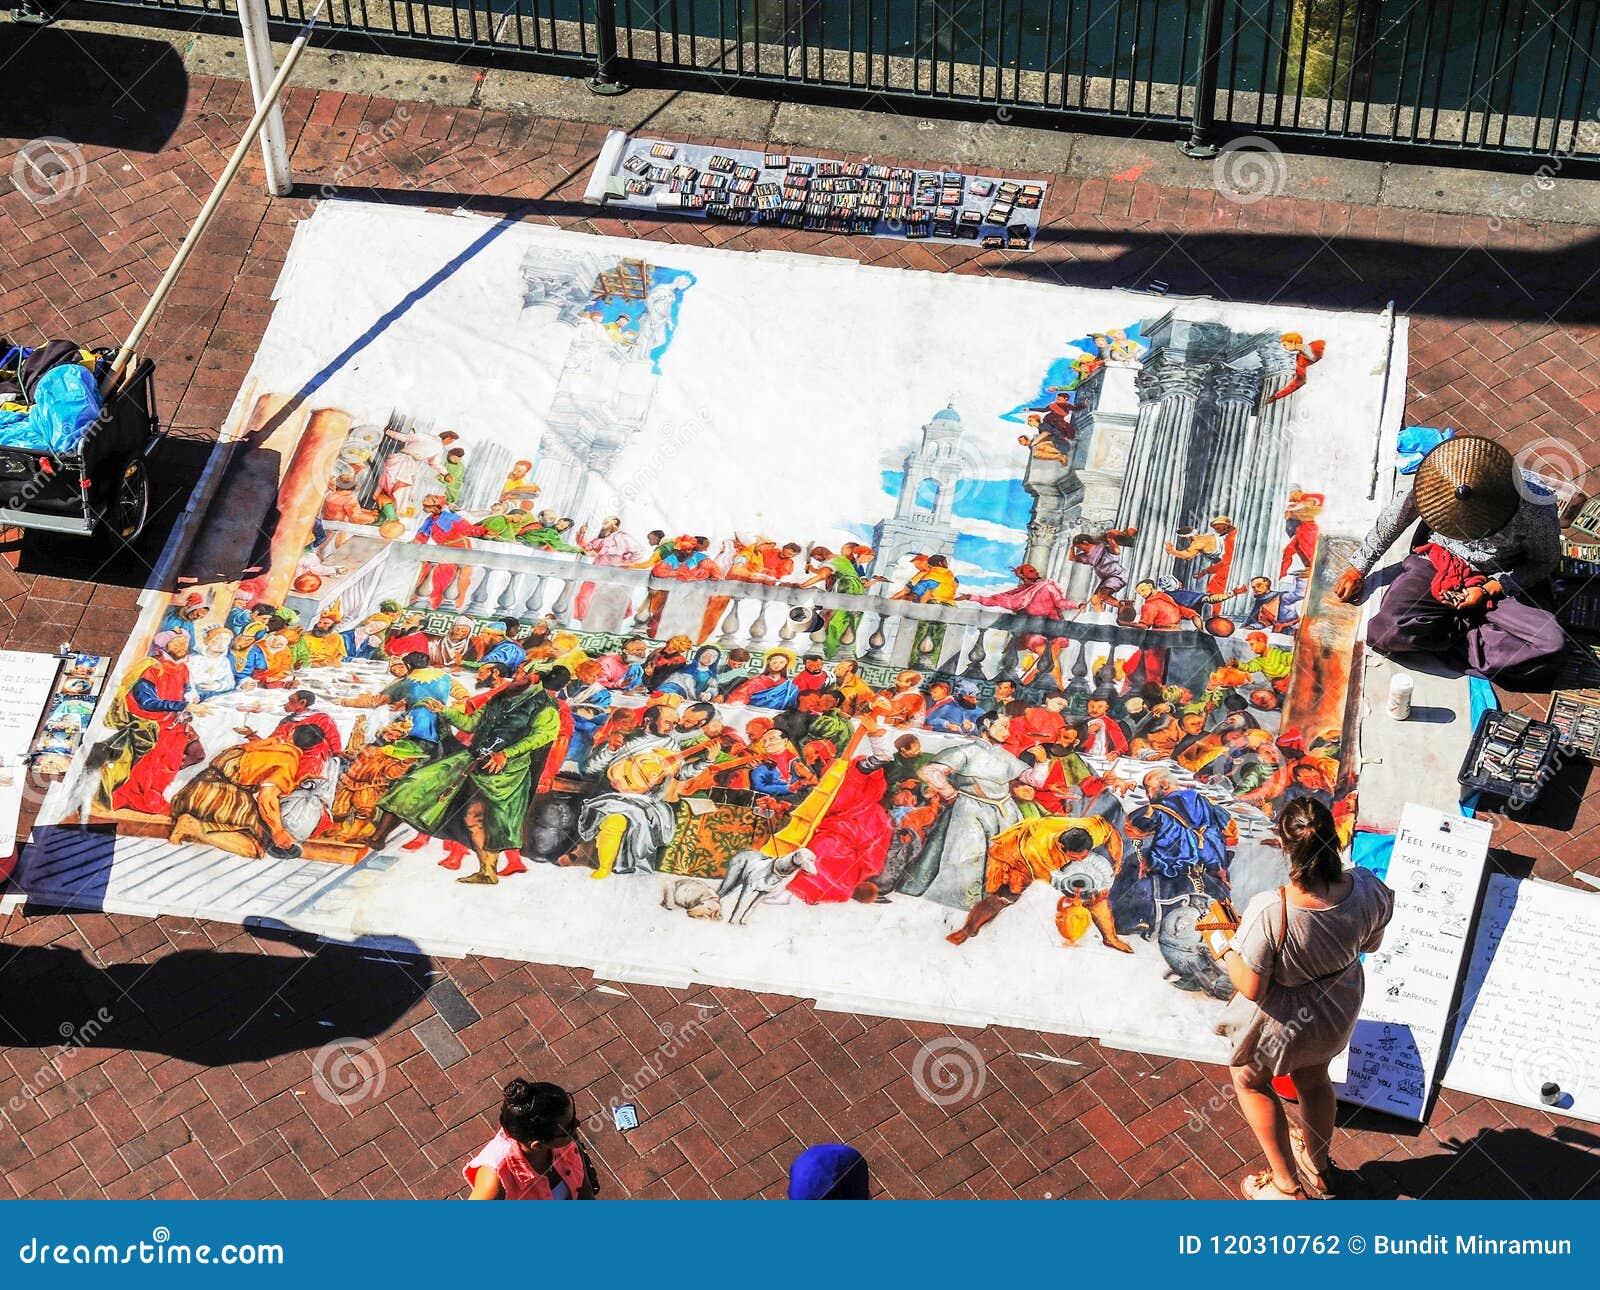 Un dessin d artiste de rue sur le grand morceau de papier présenté sur le plancher à Sydney, vue aérienne circulaire de Quay